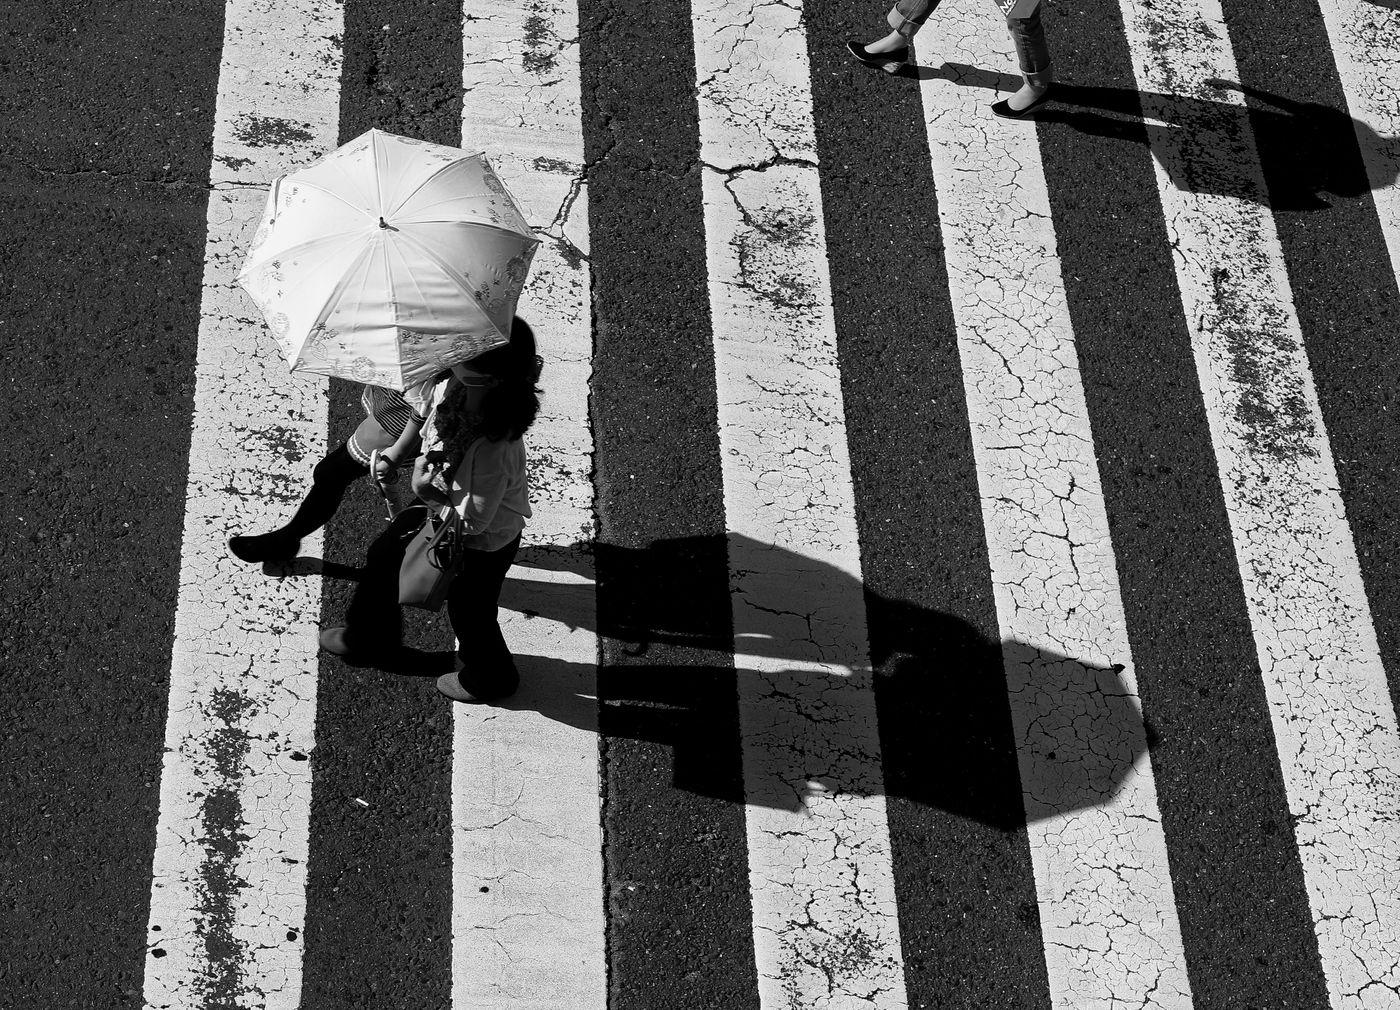 横断歩道を渡る日傘を差したカップルの写真